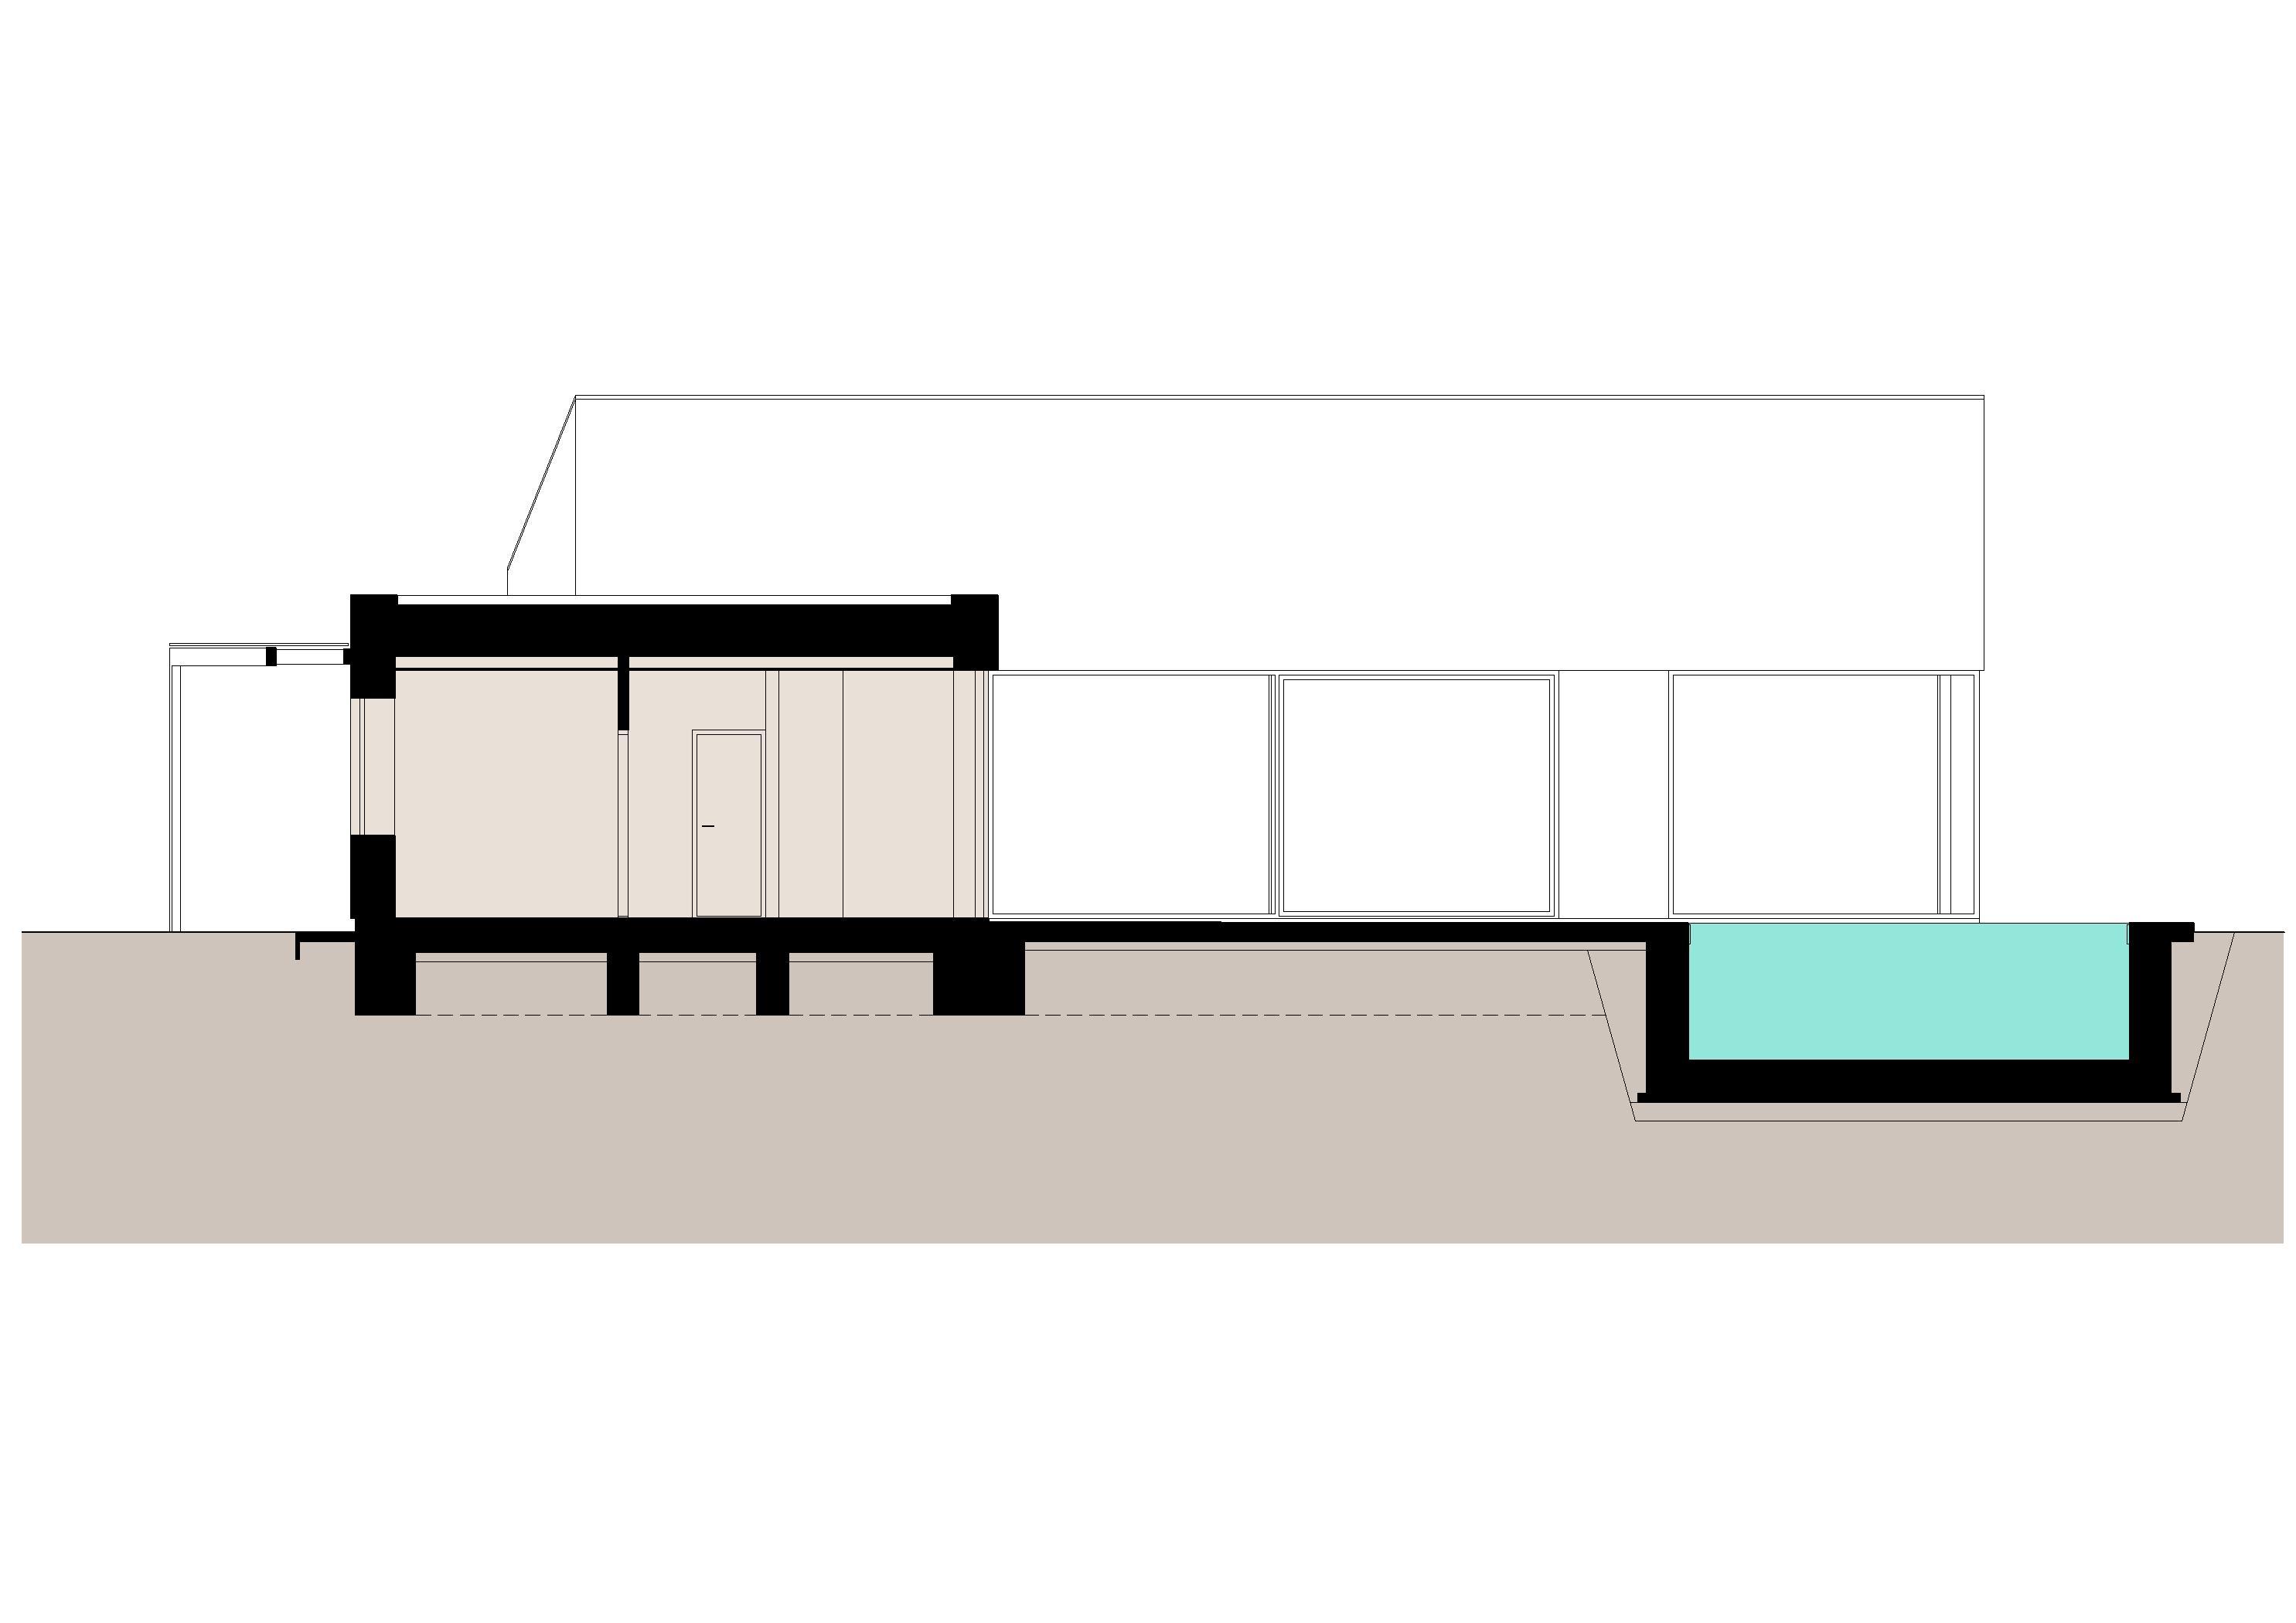 Projekt stavby rodinného domu IX 11